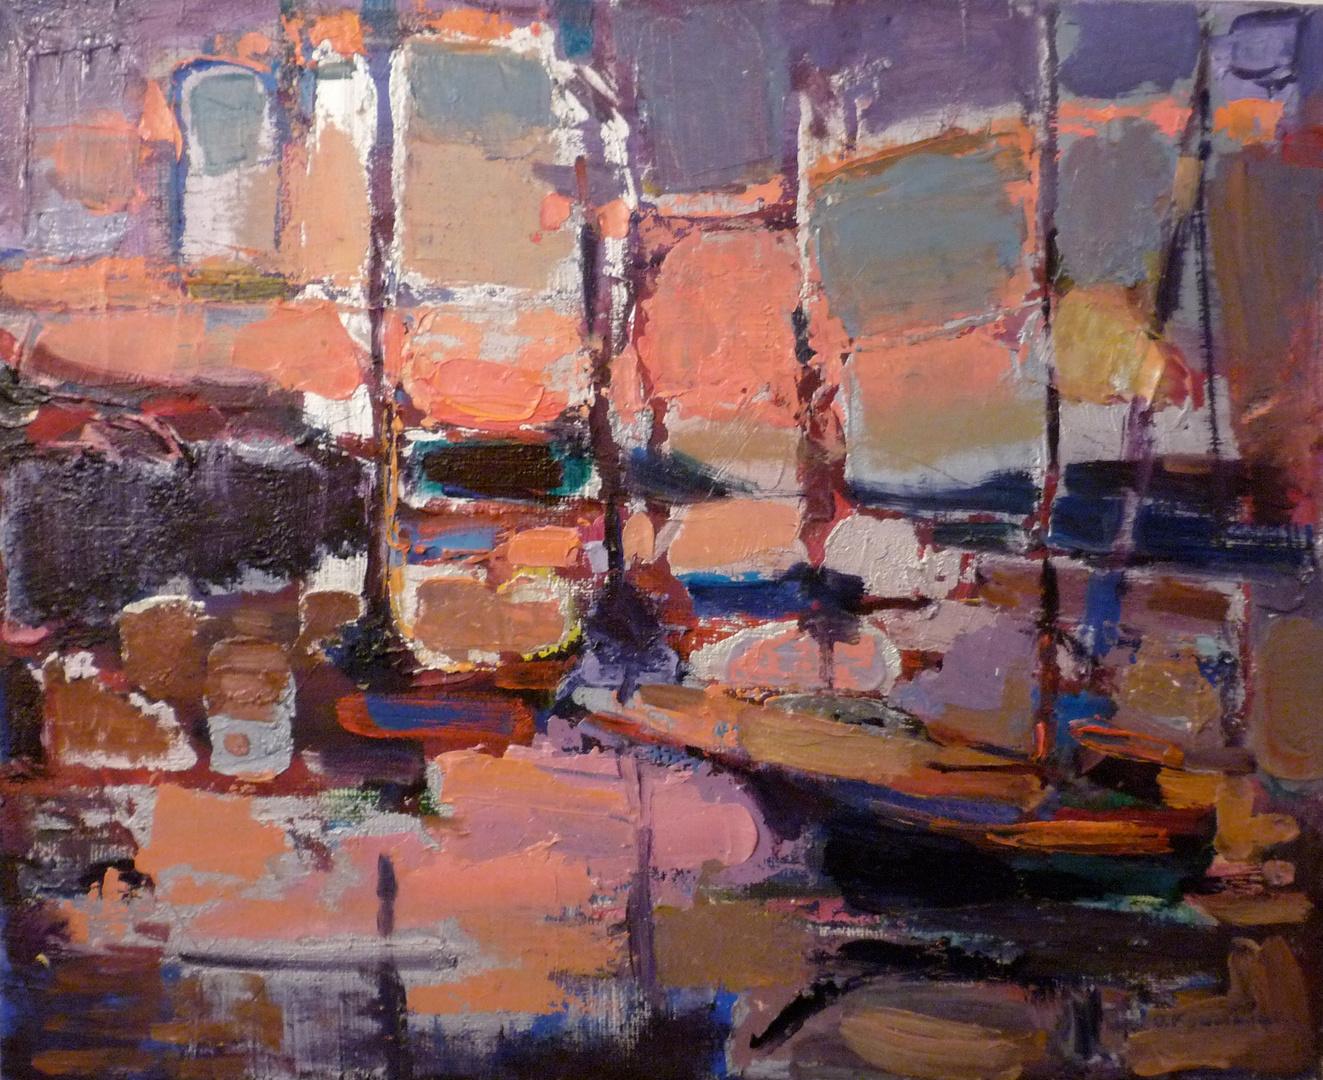 'The marina'